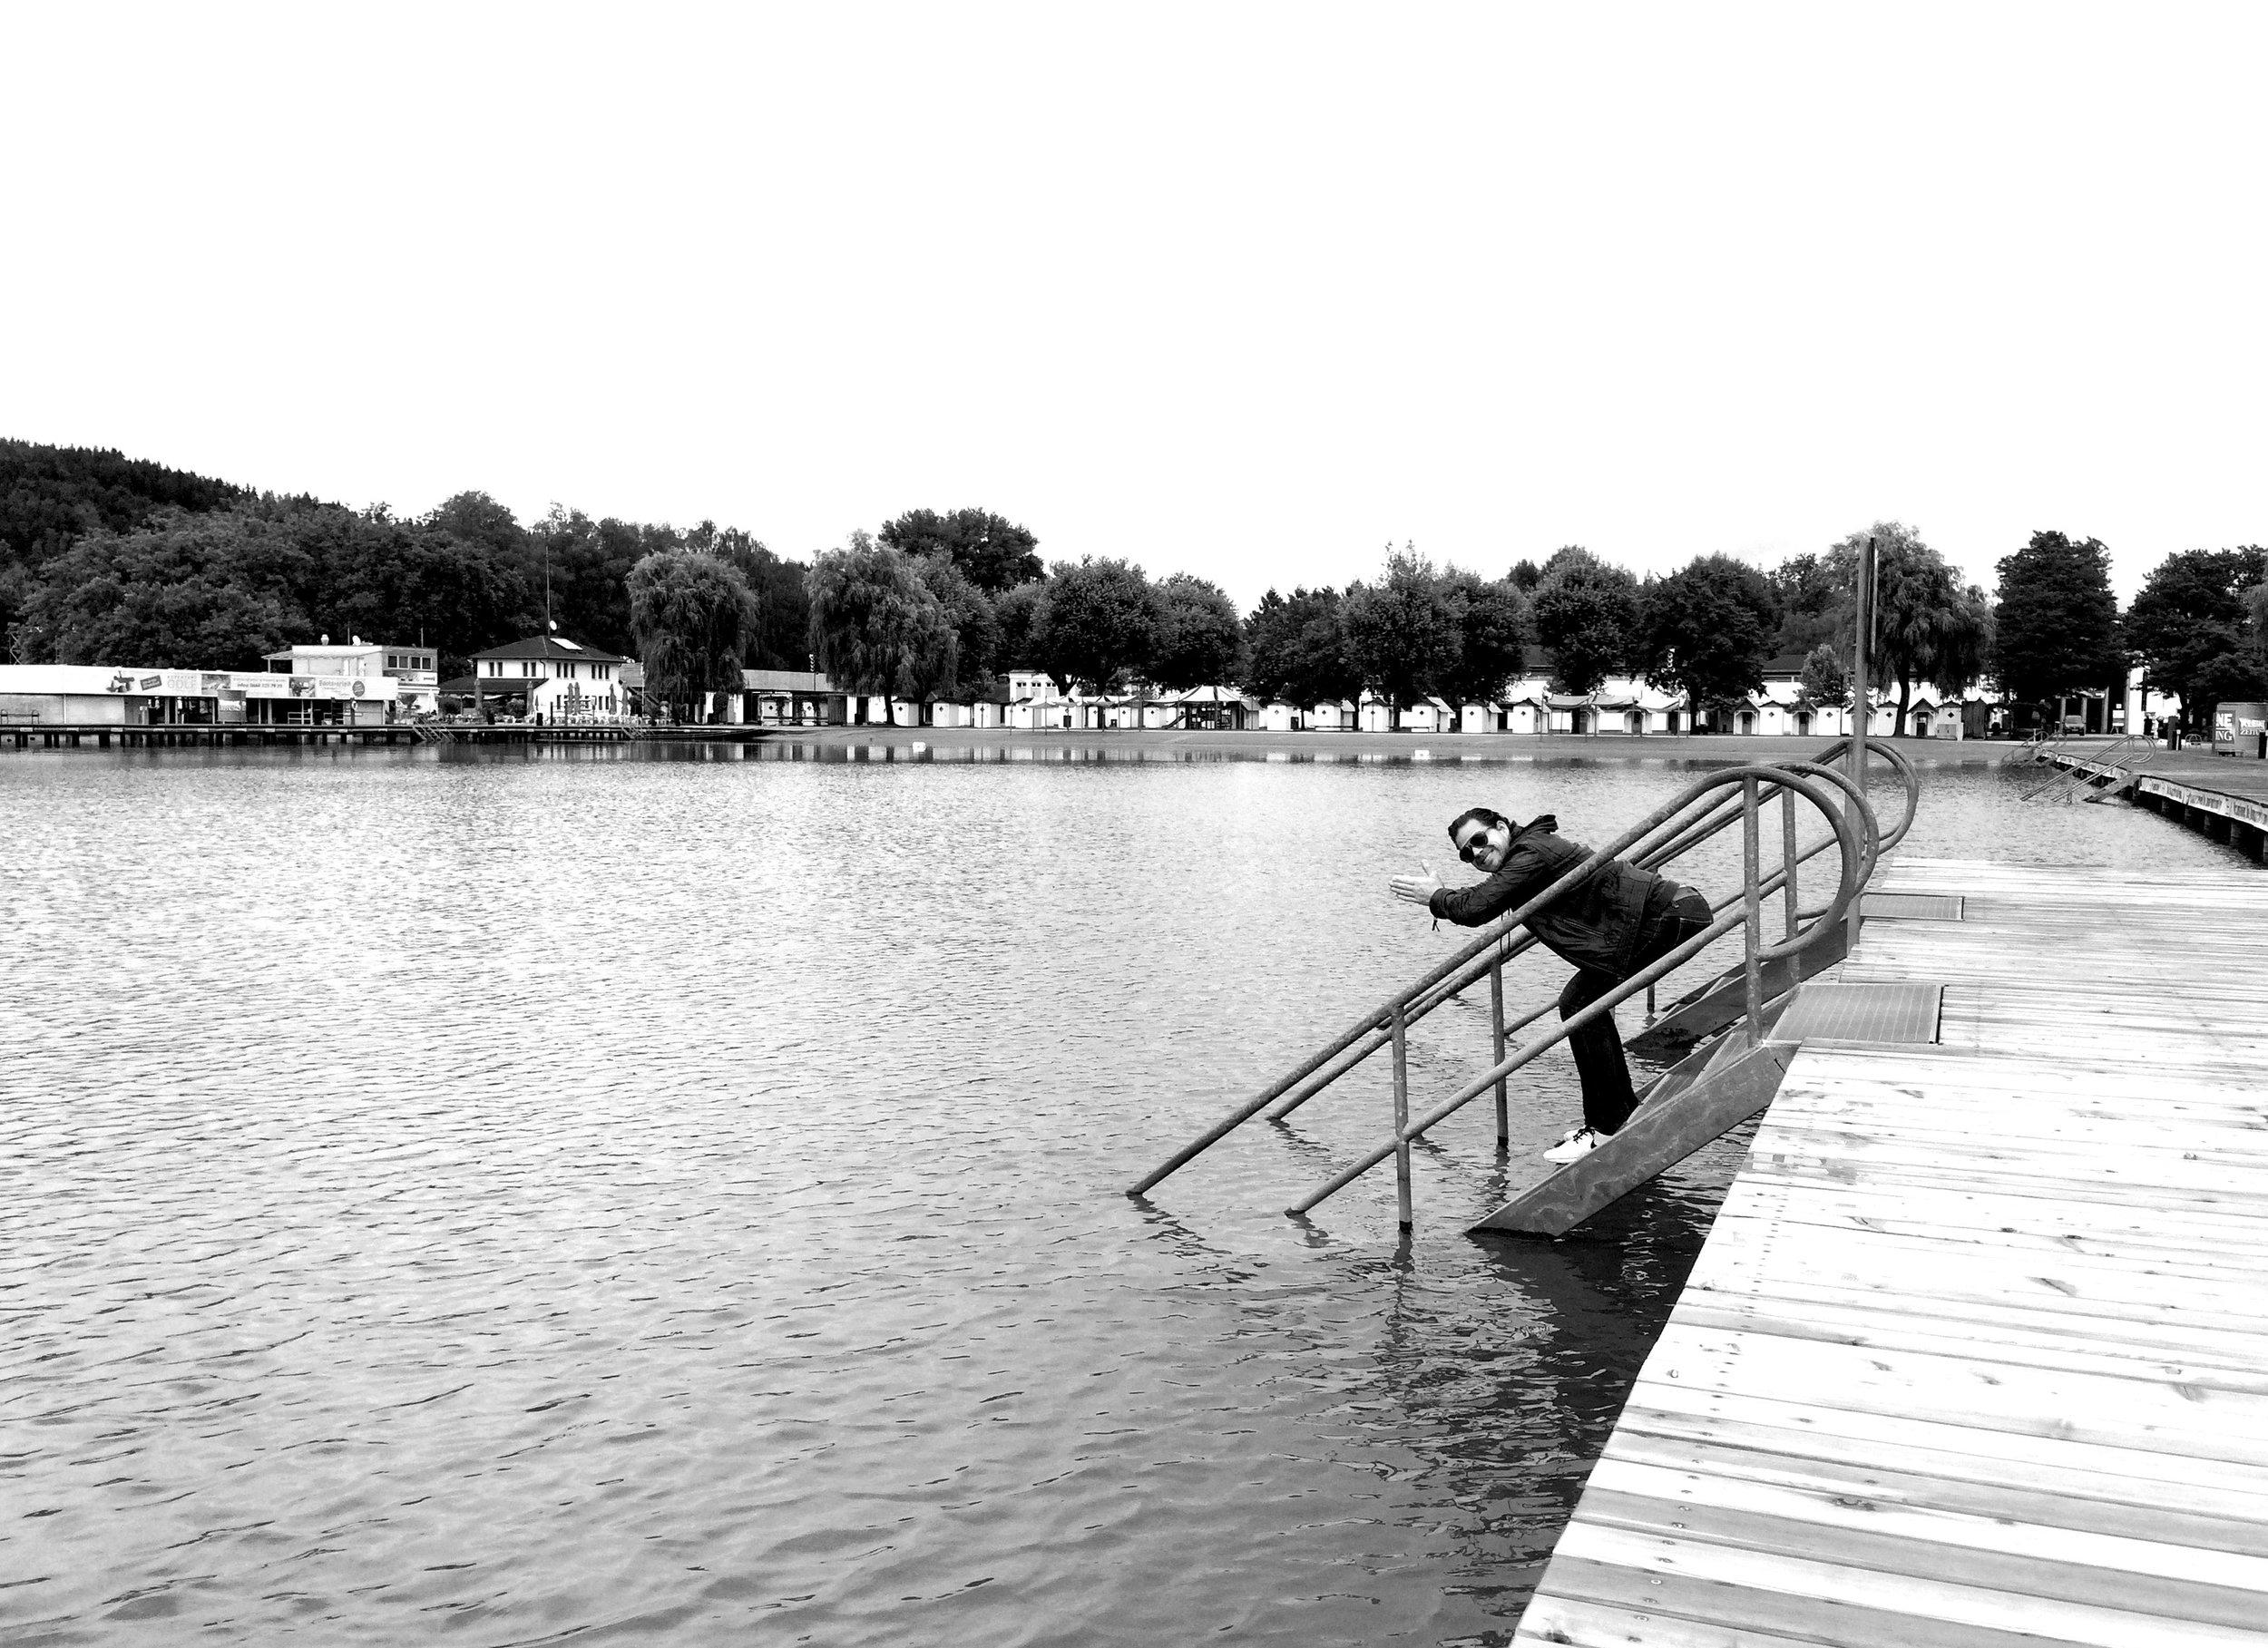 psedlacek_schwimmer.jpg